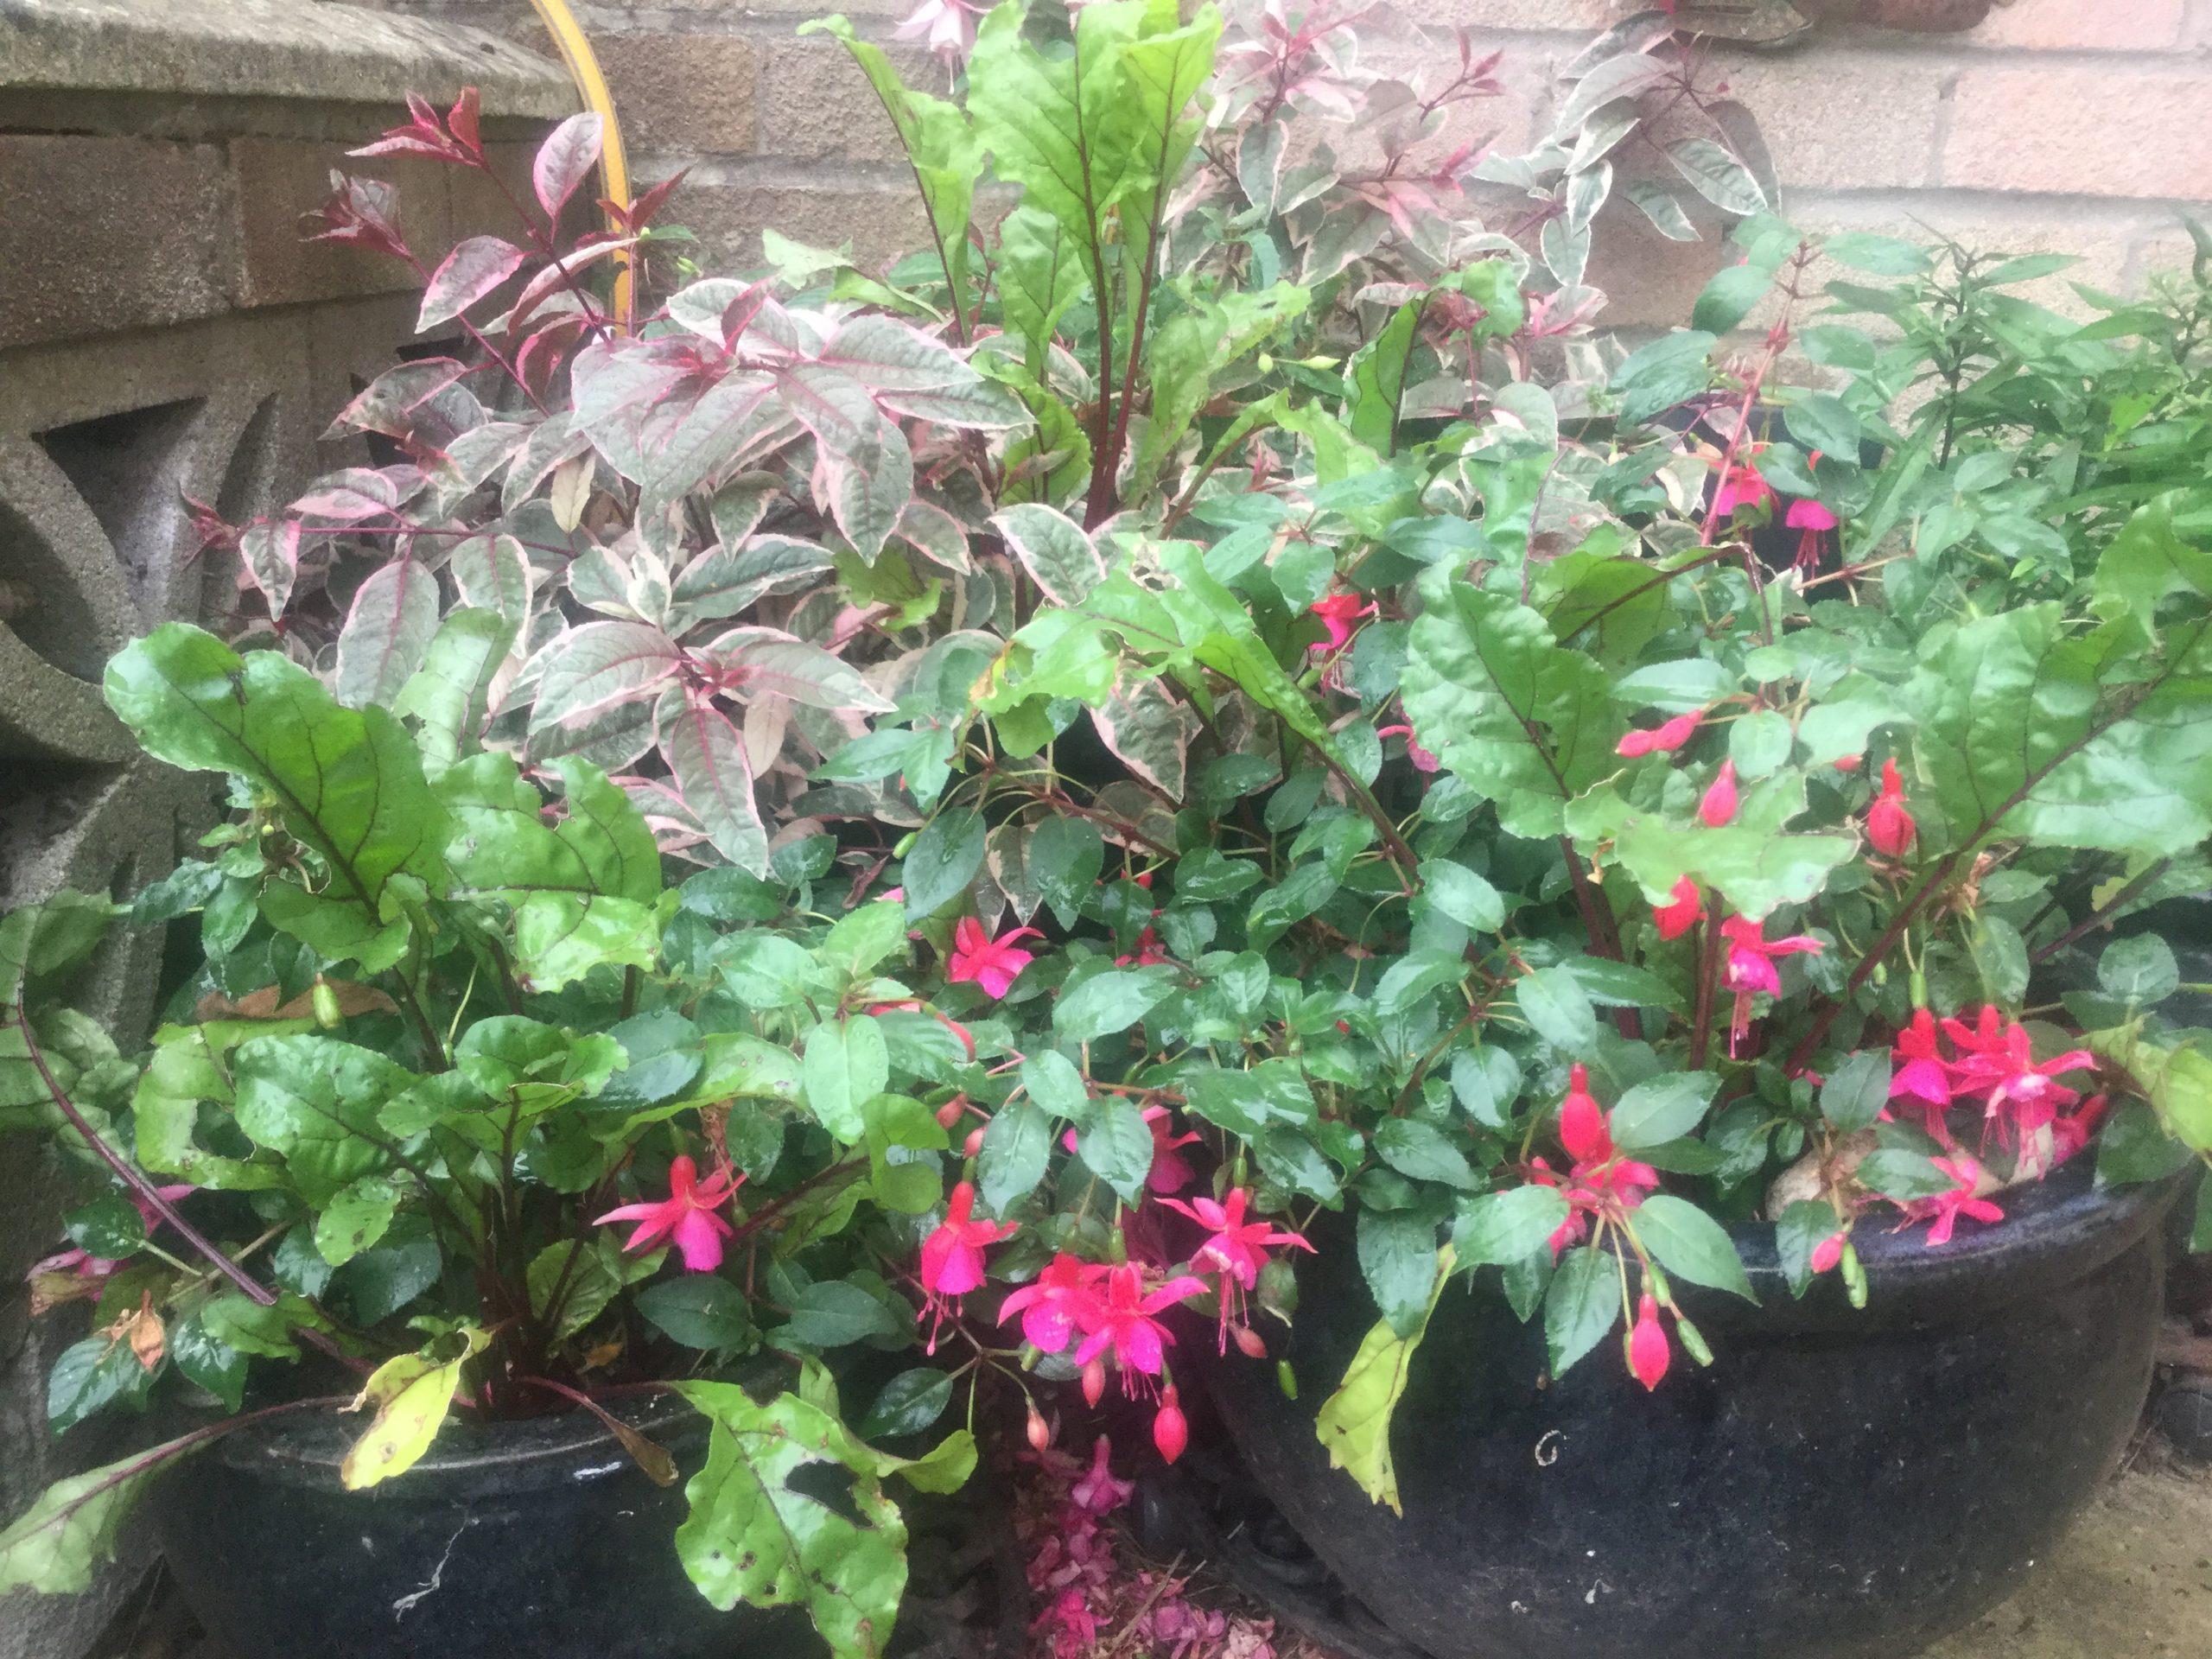 Mischkultur im Topf - rote Beete und Fuchsien mit essbaren Blüten und Beeren